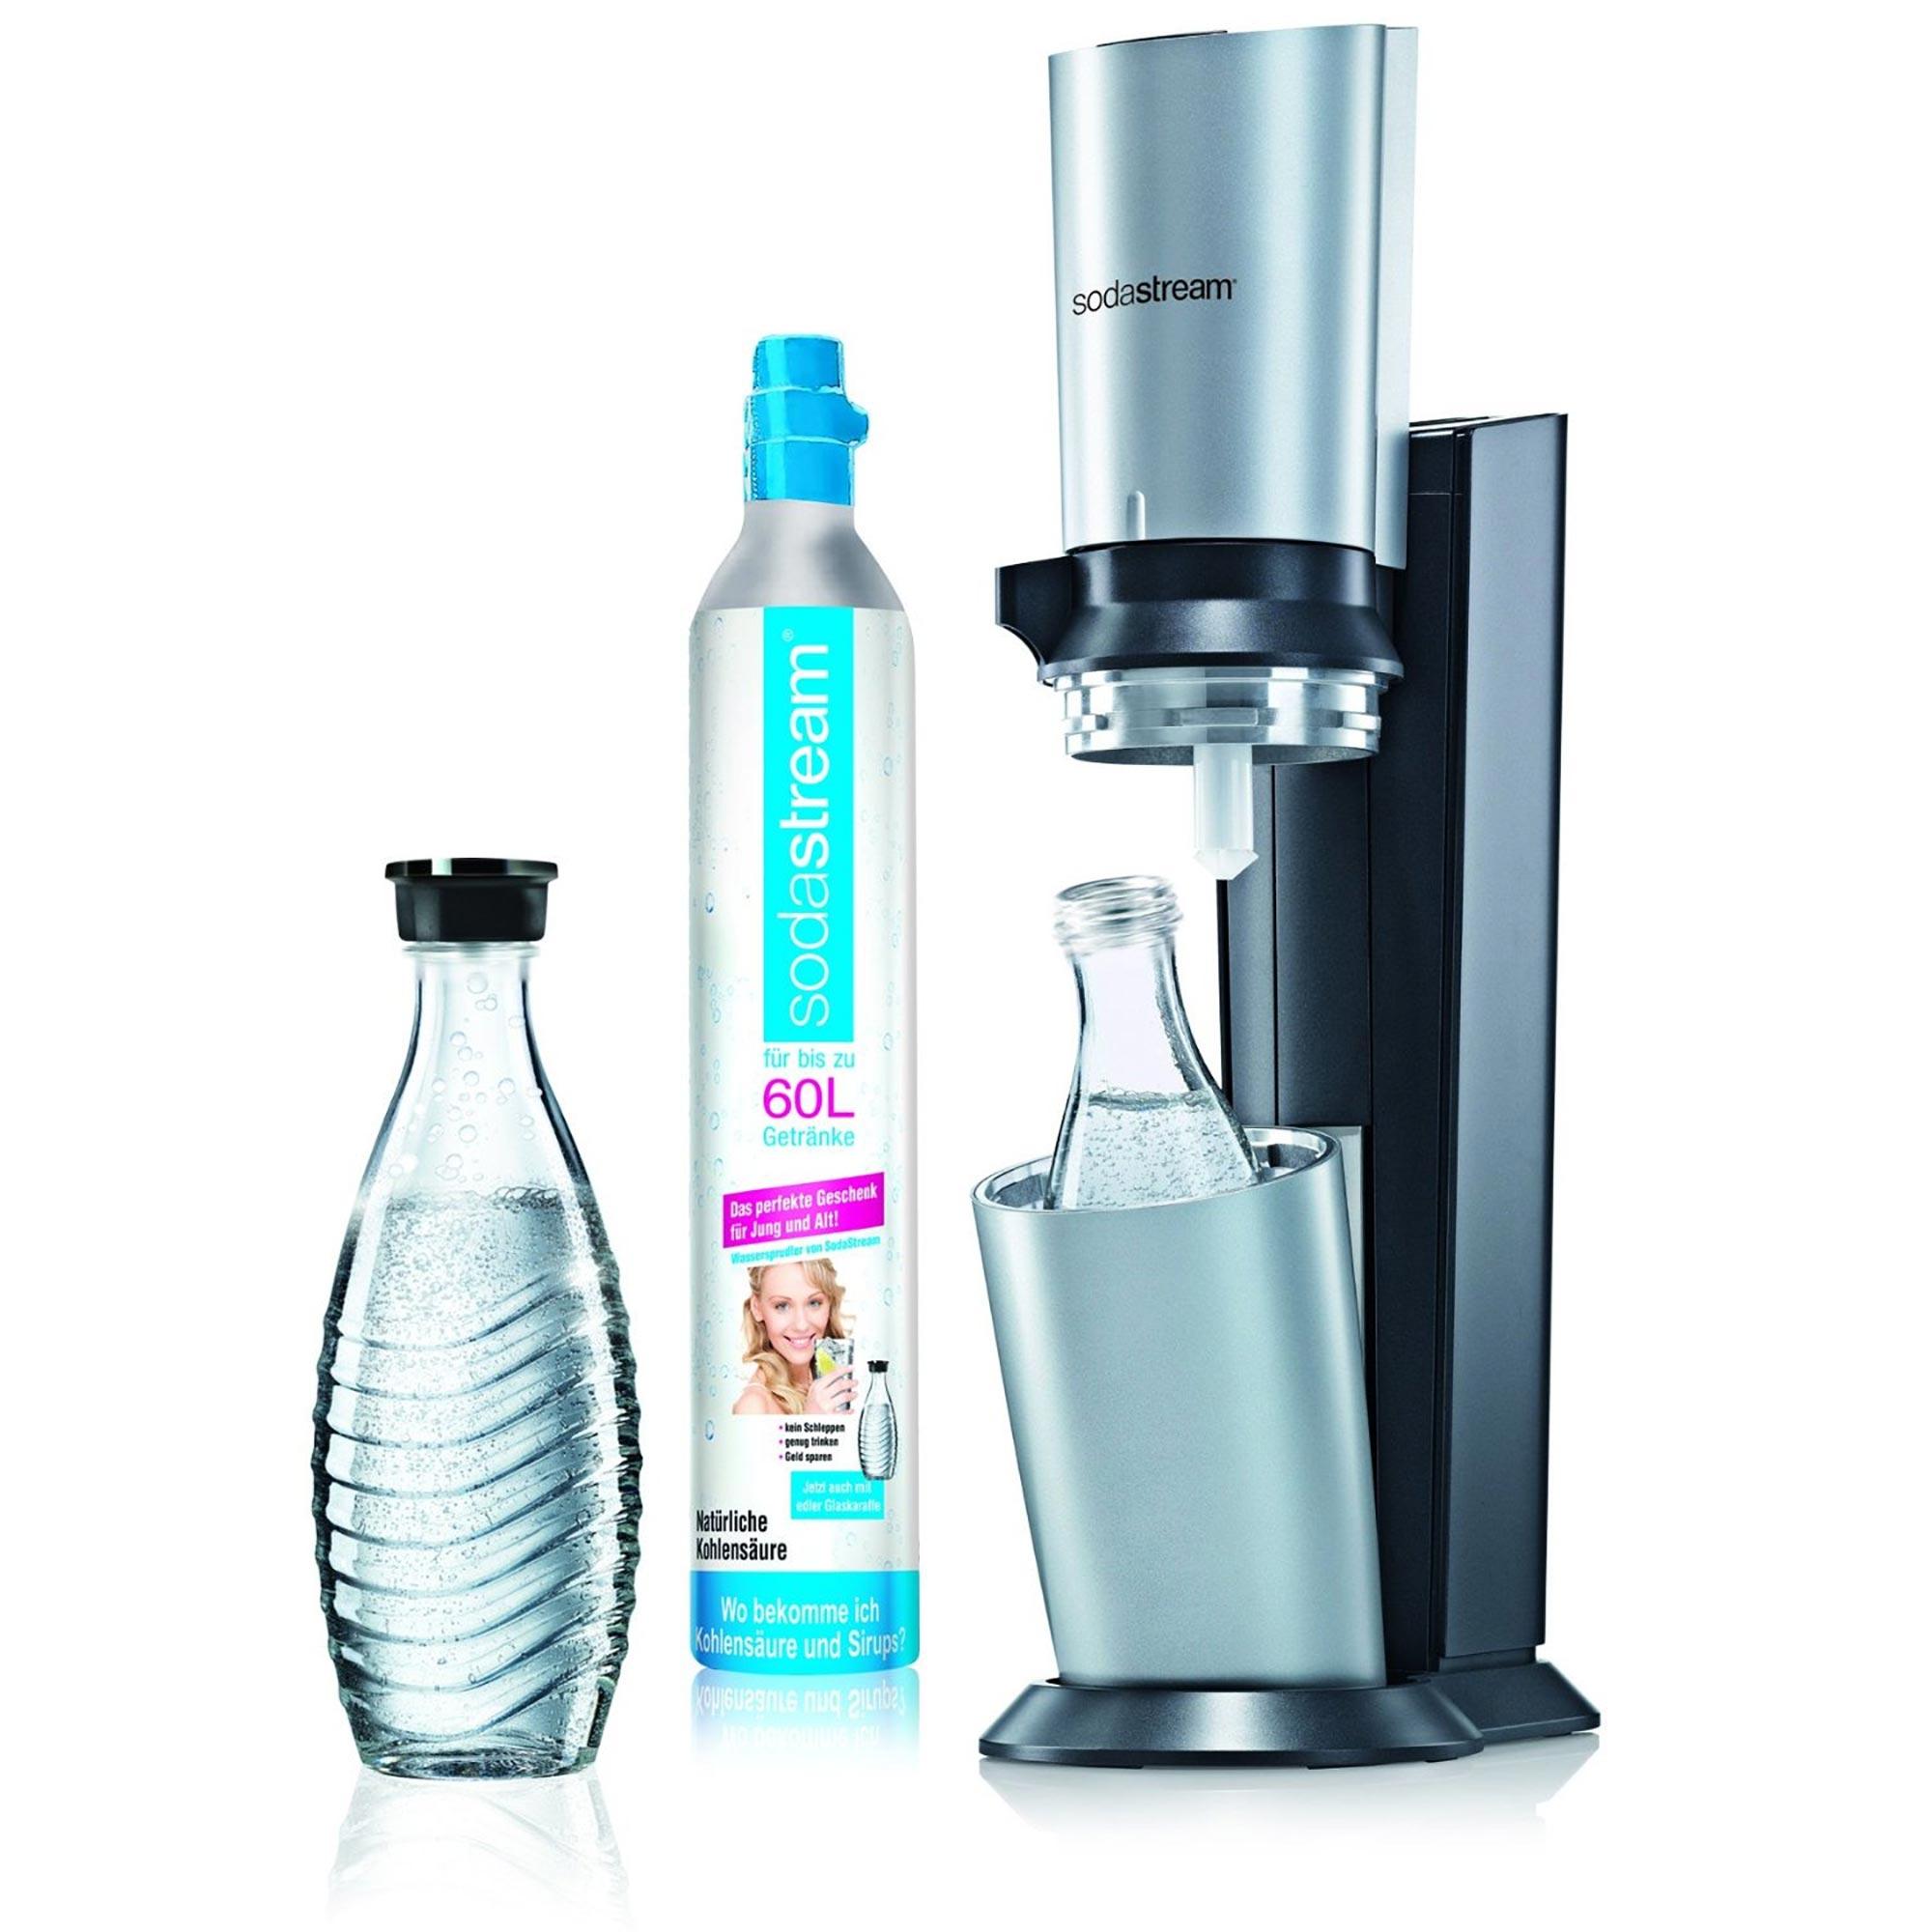 cocktail gl ser sodastream wassersprudler crystal inkl alu zylinder. Black Bedroom Furniture Sets. Home Design Ideas